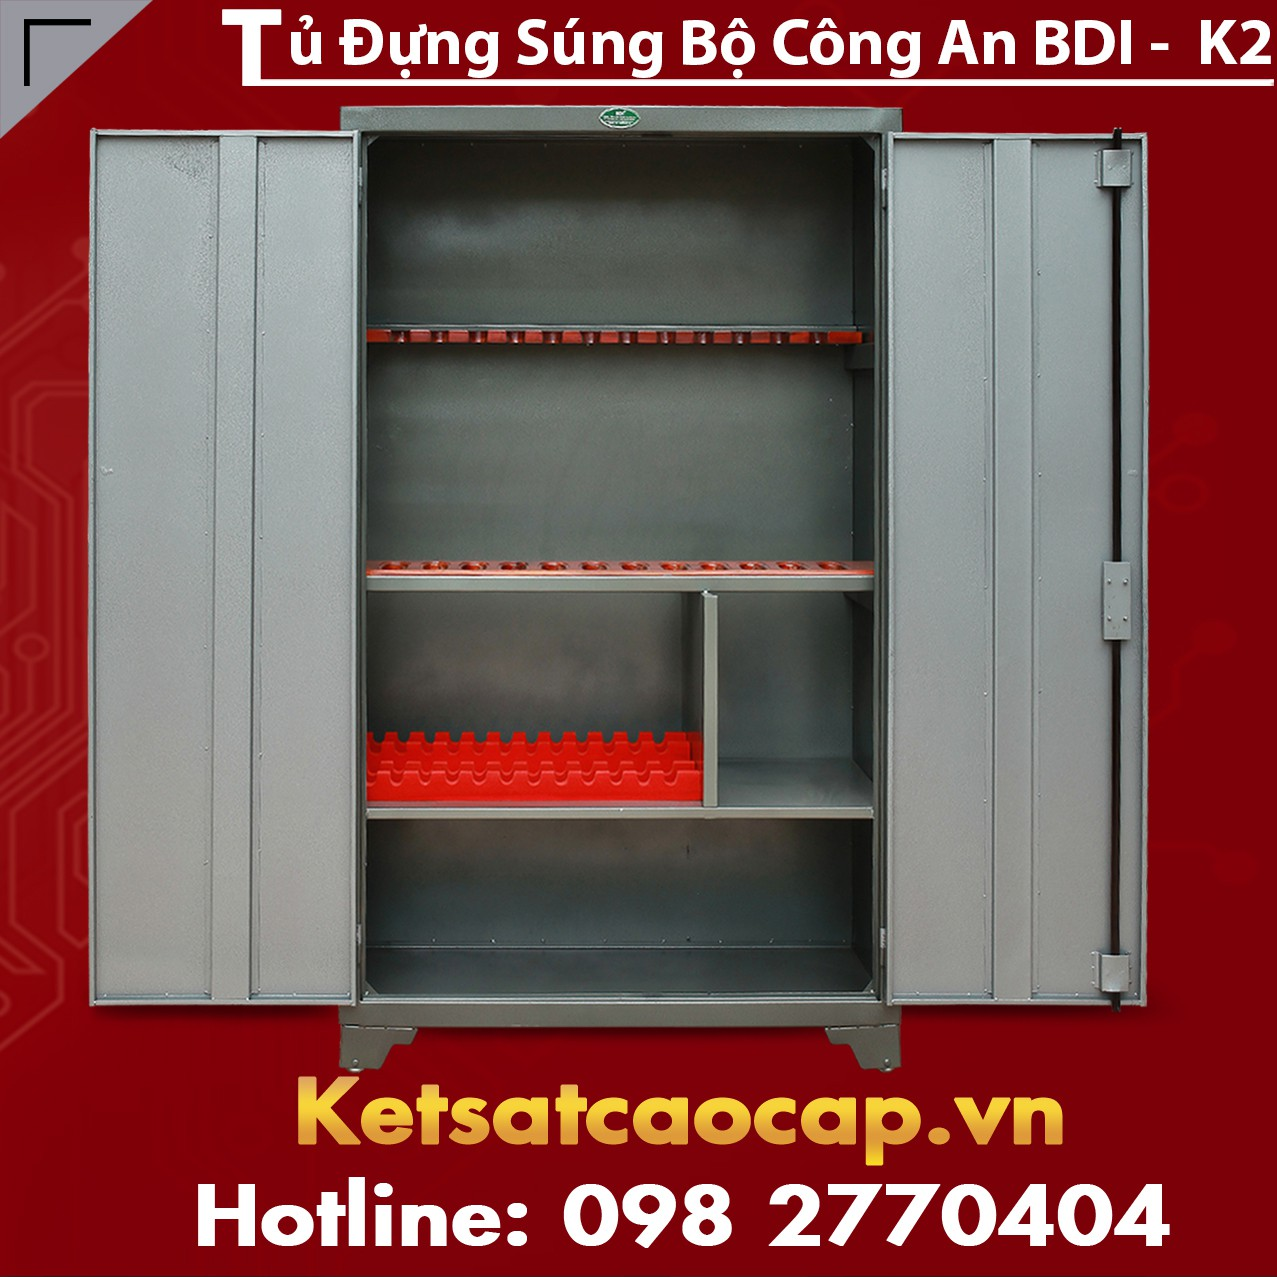 Tủ Đựng Súng Bộ Công An BDI - K2